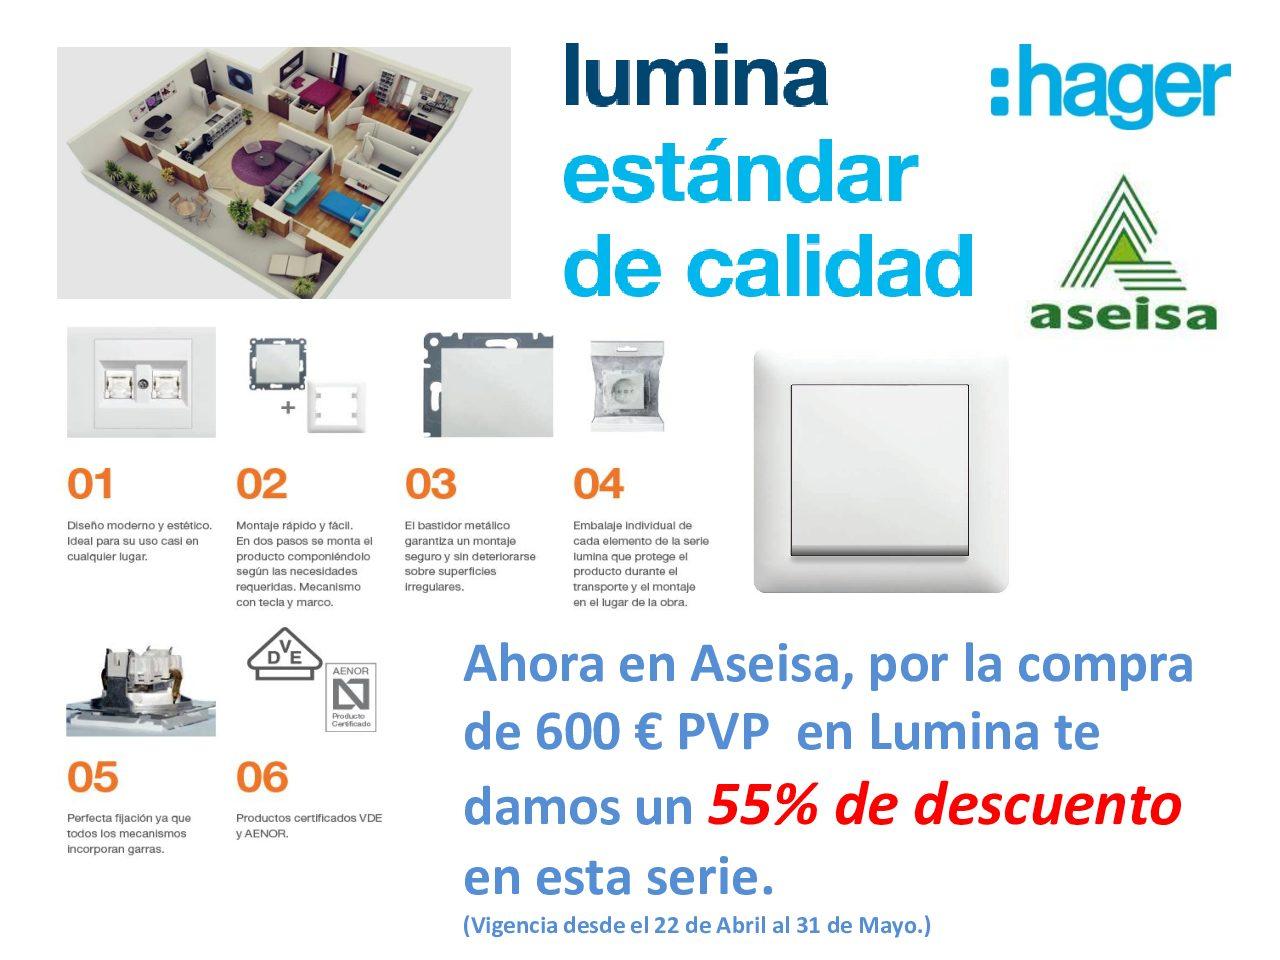 PROMOCIÓN SERIE LUMINA DE HAGER - ASEISA